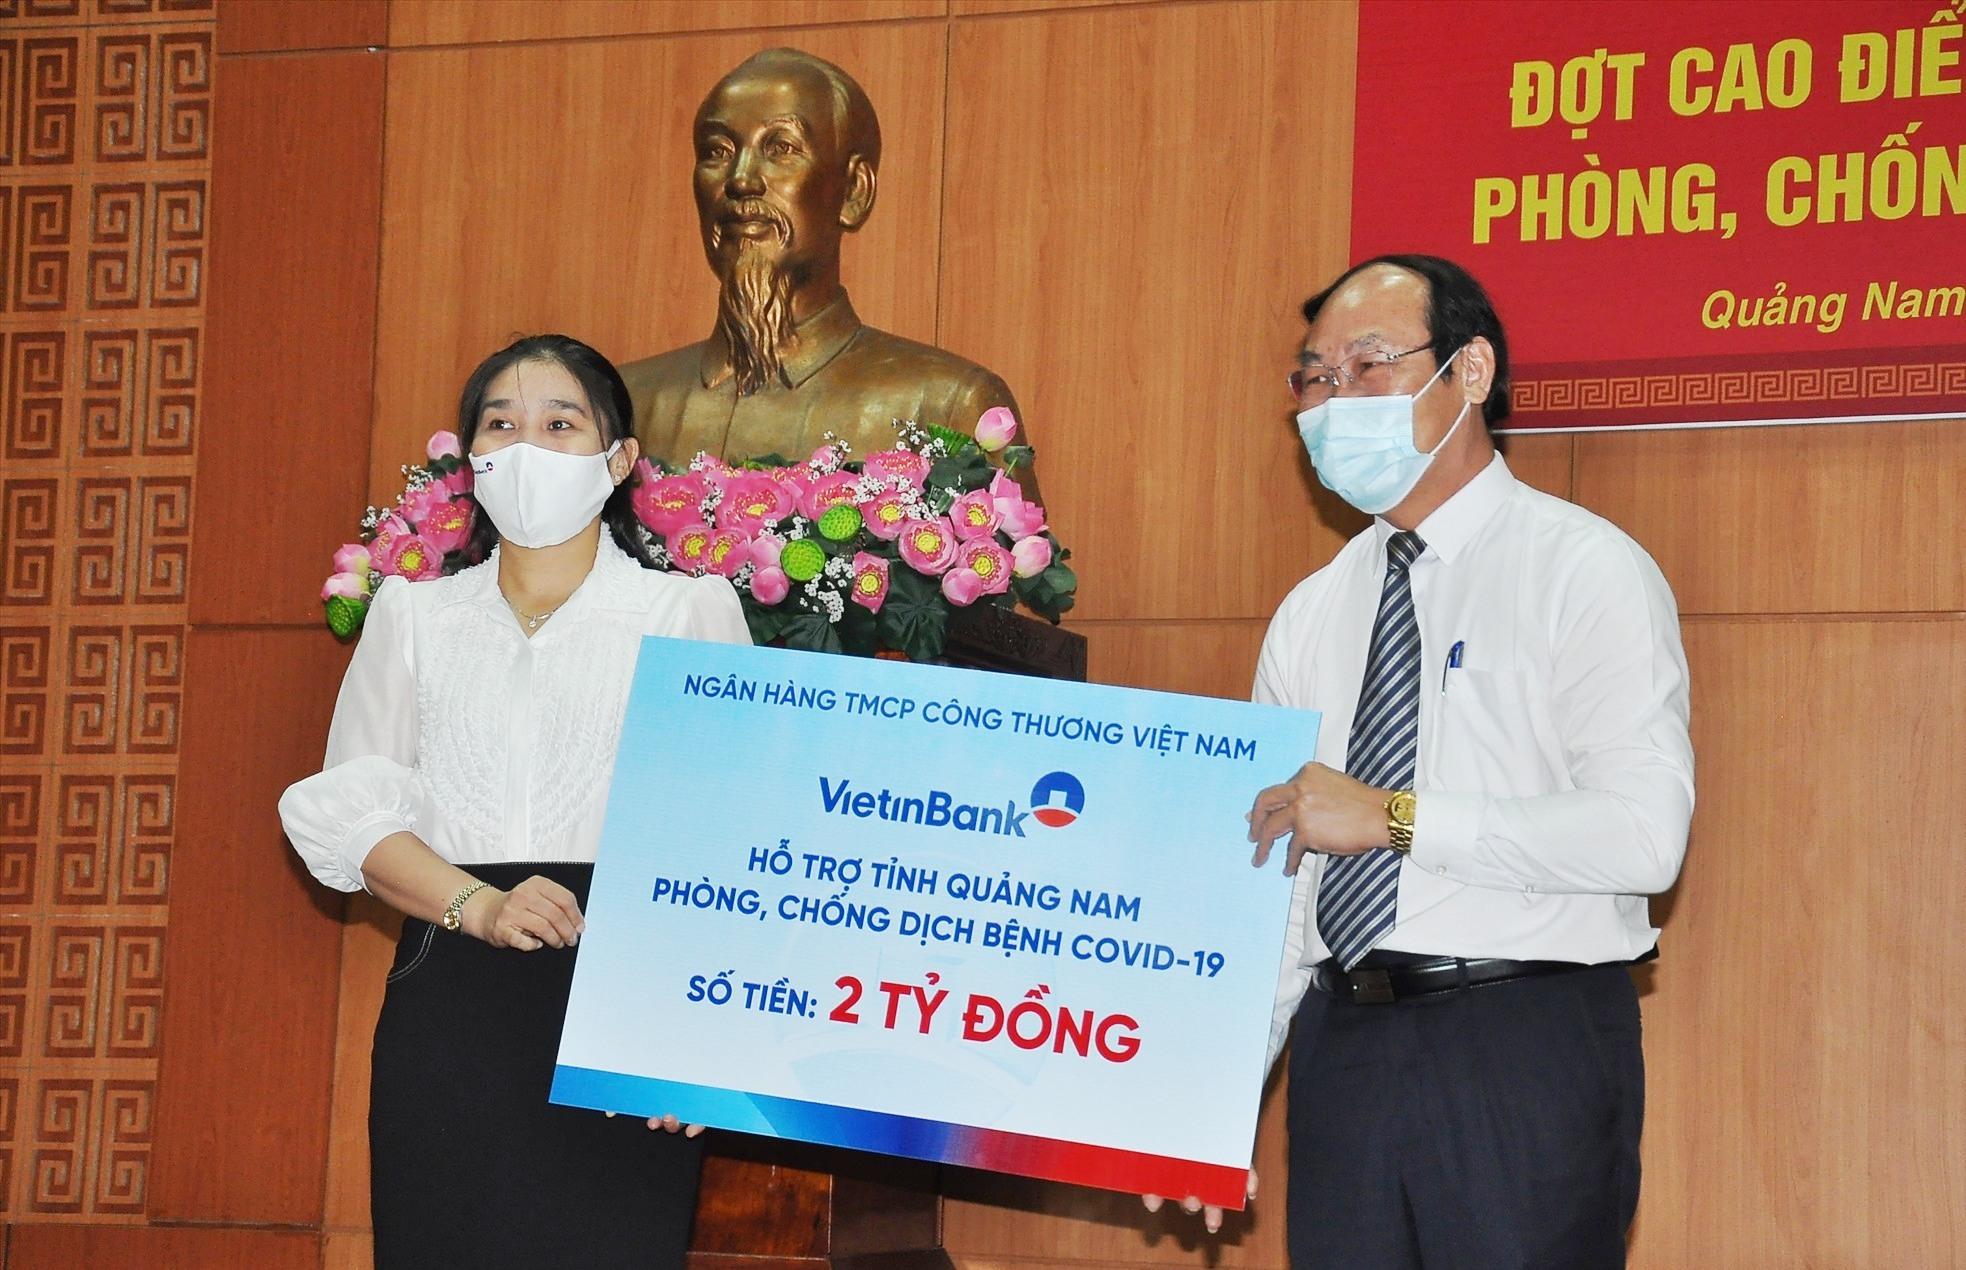 Các doanh nghiệp trao biểu trưng ủng hộ nguồn lực phòng chống dịch bệnh Covid-19. Ảnh: VINH ANH